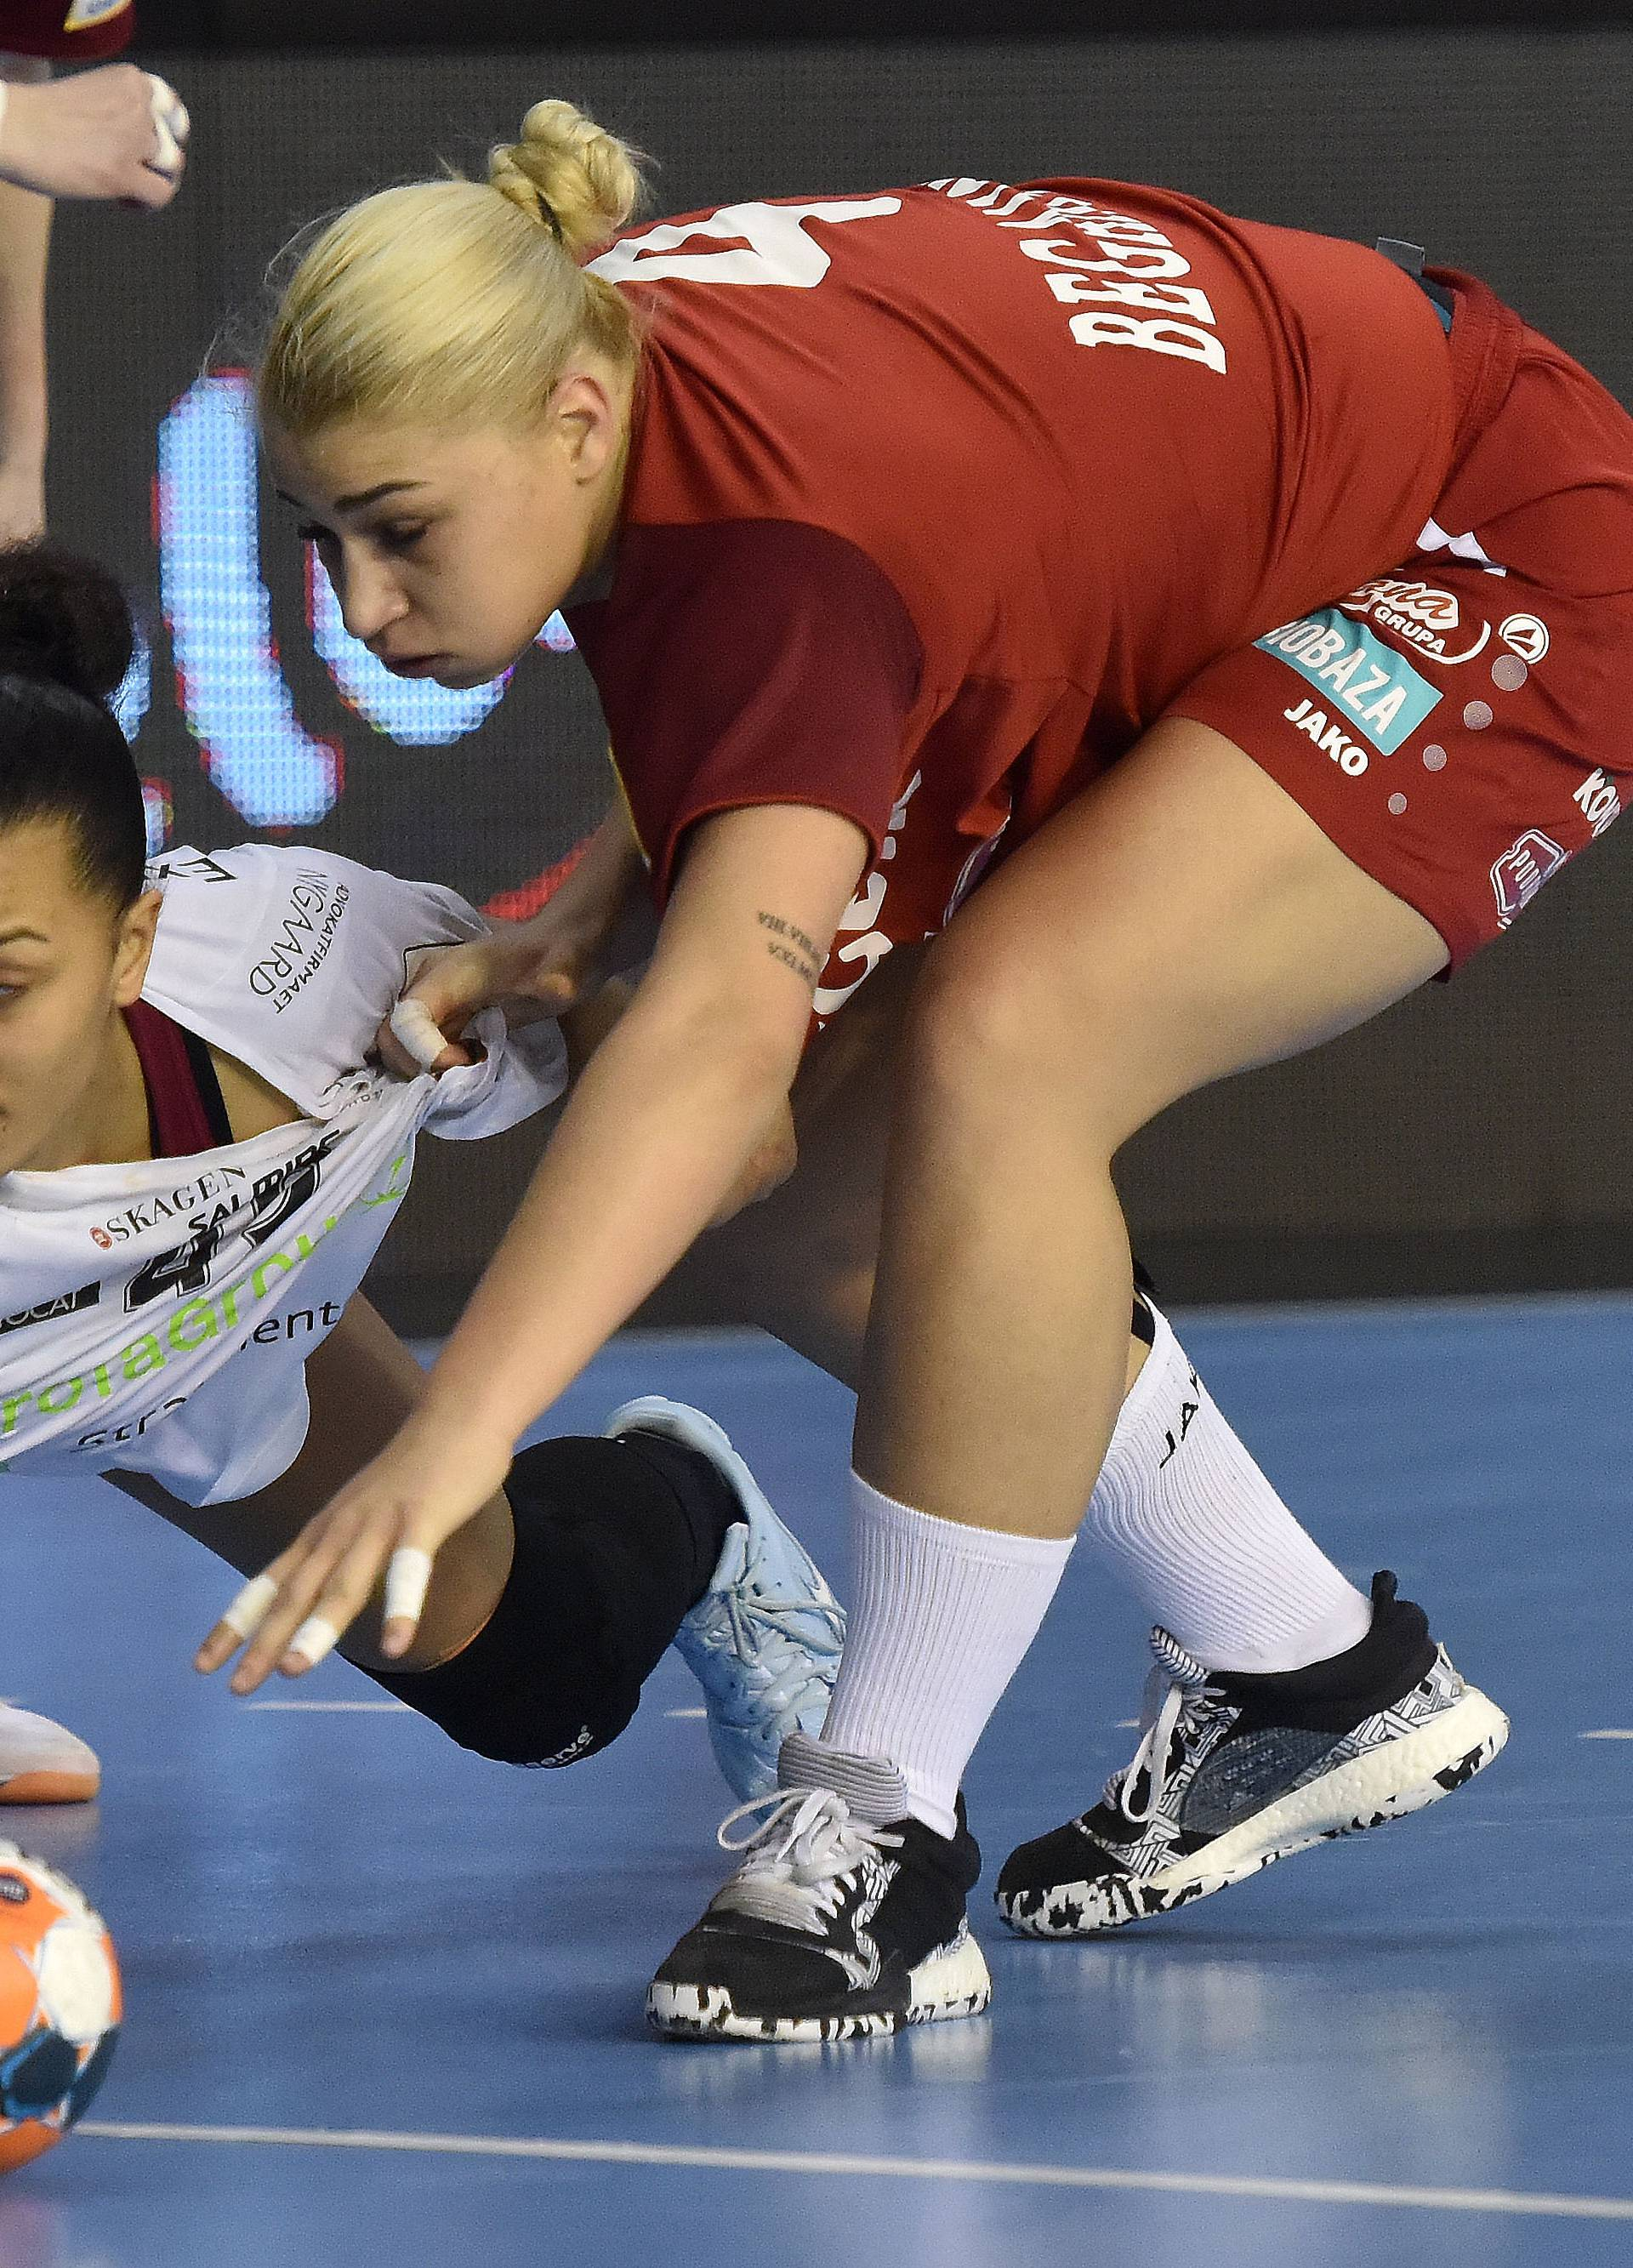 Korona i EHF dotukli 'kokice': Pozdravili se sa šest igračica...